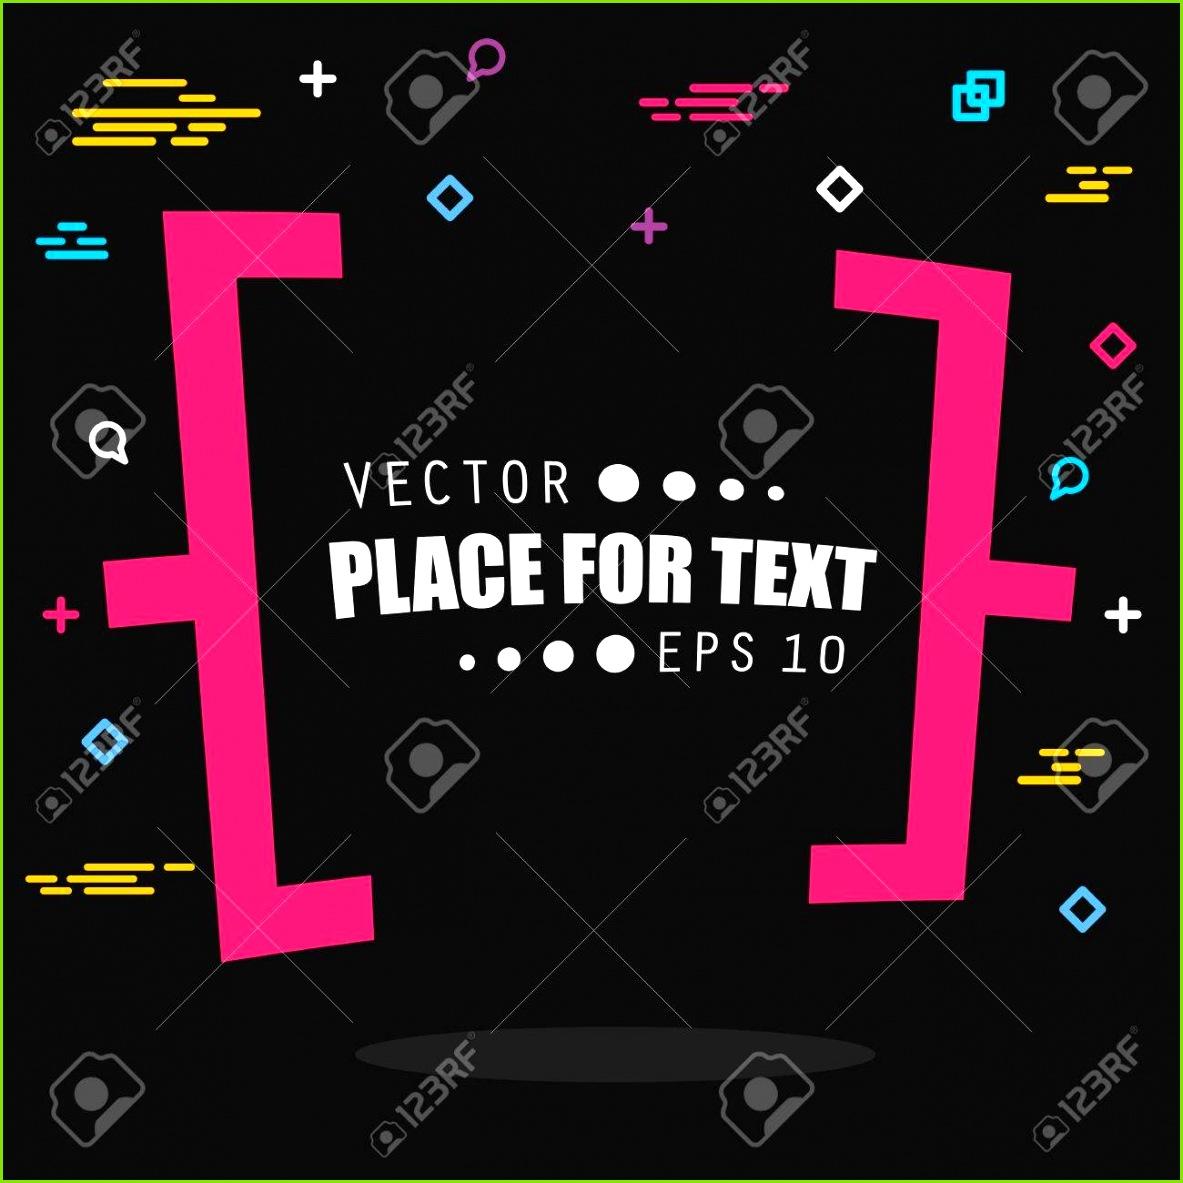 Abstrakt konzept vektor leere rede quadrat zitat text bubble Für Web und Handy